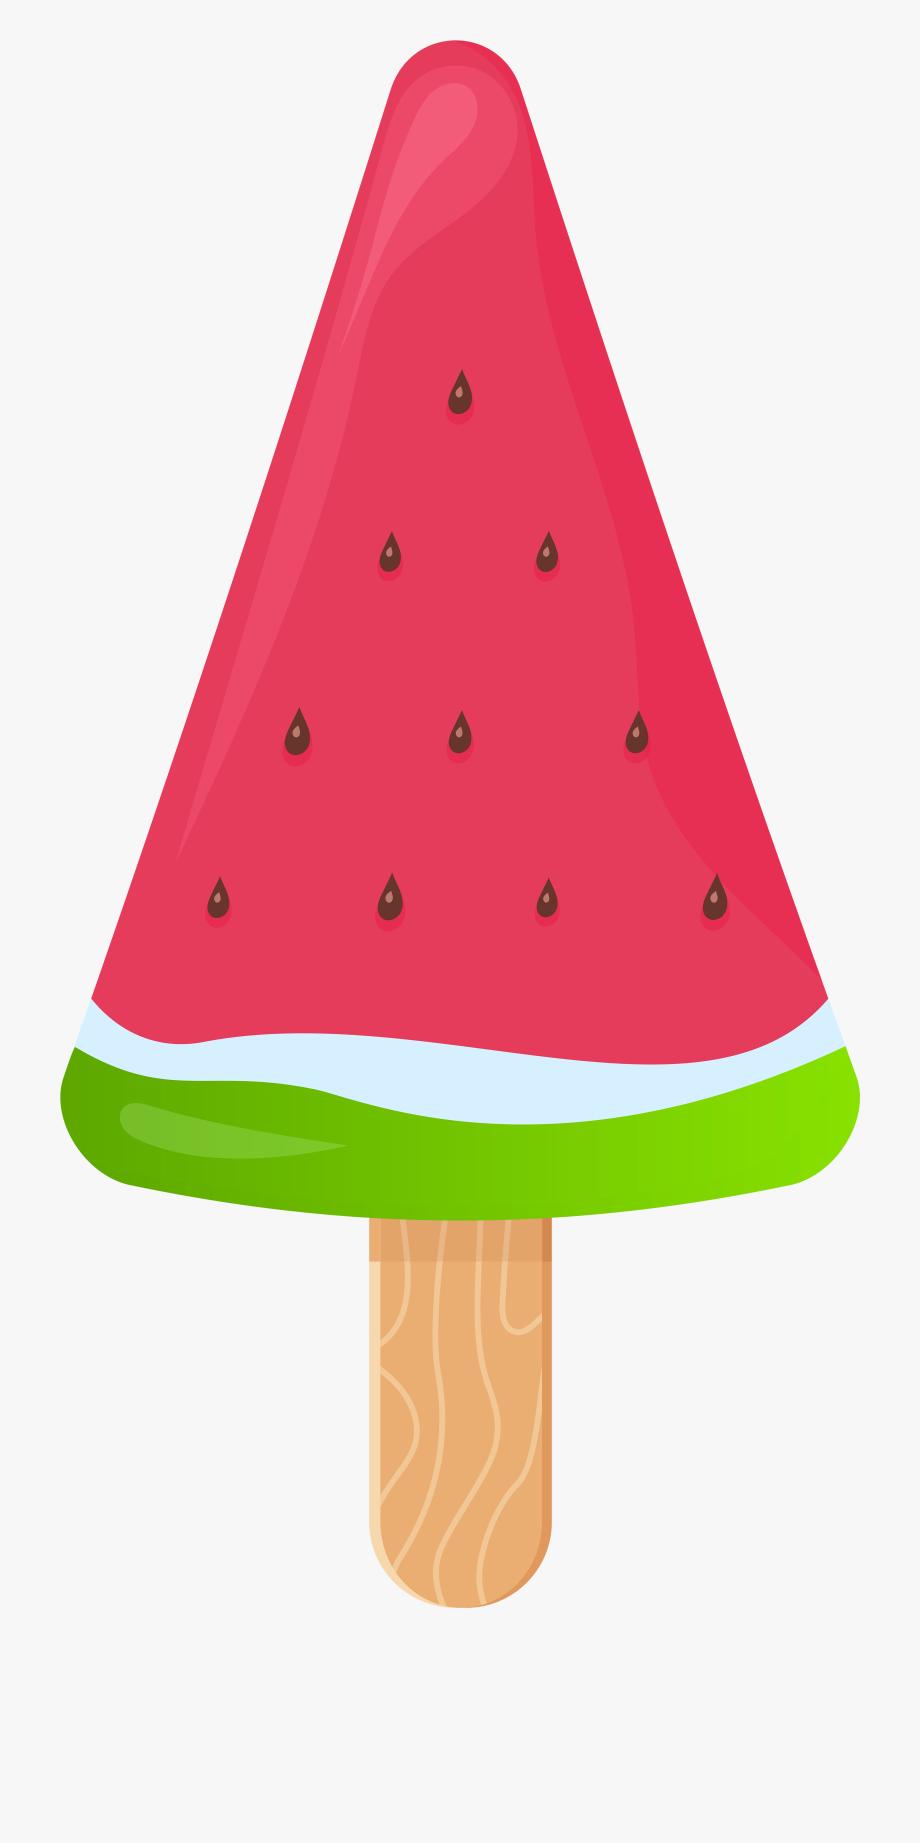 Watermelon Ice Cream Stick Png Clip Art.